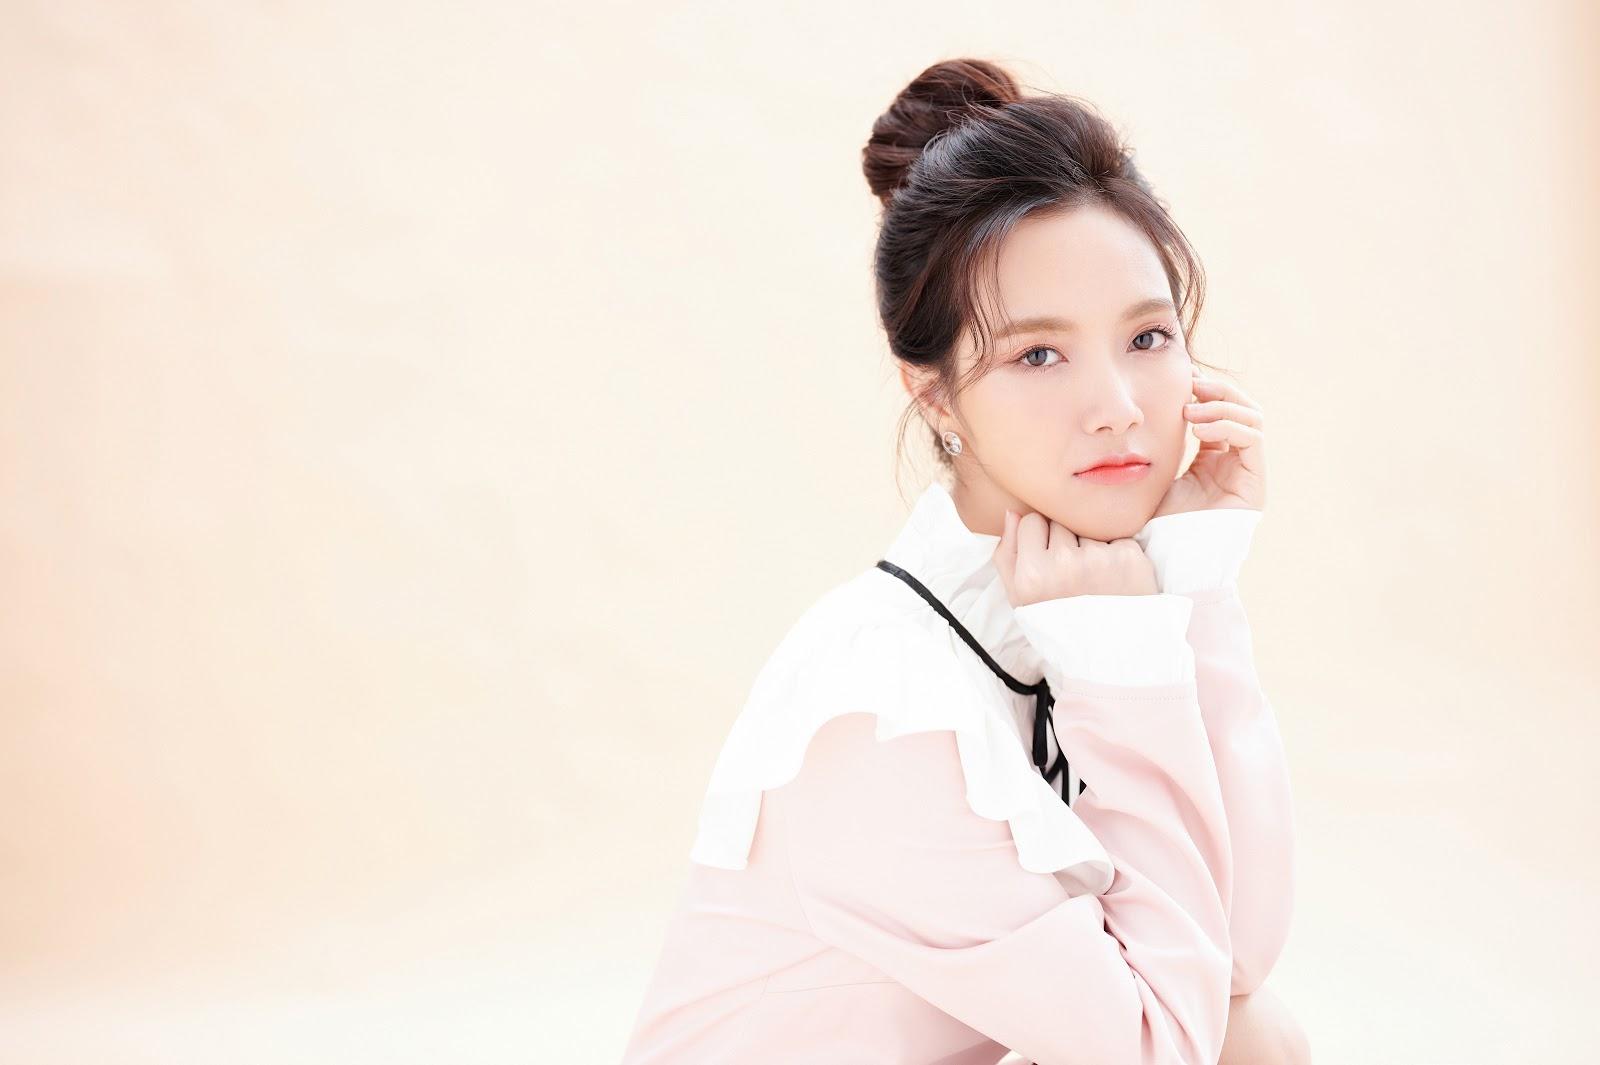 Jang Mi tiết lộ hậu trường hóa trang Chúc Anh Đài cua trai đẹp trong MV tiền tỷ - Hình 2